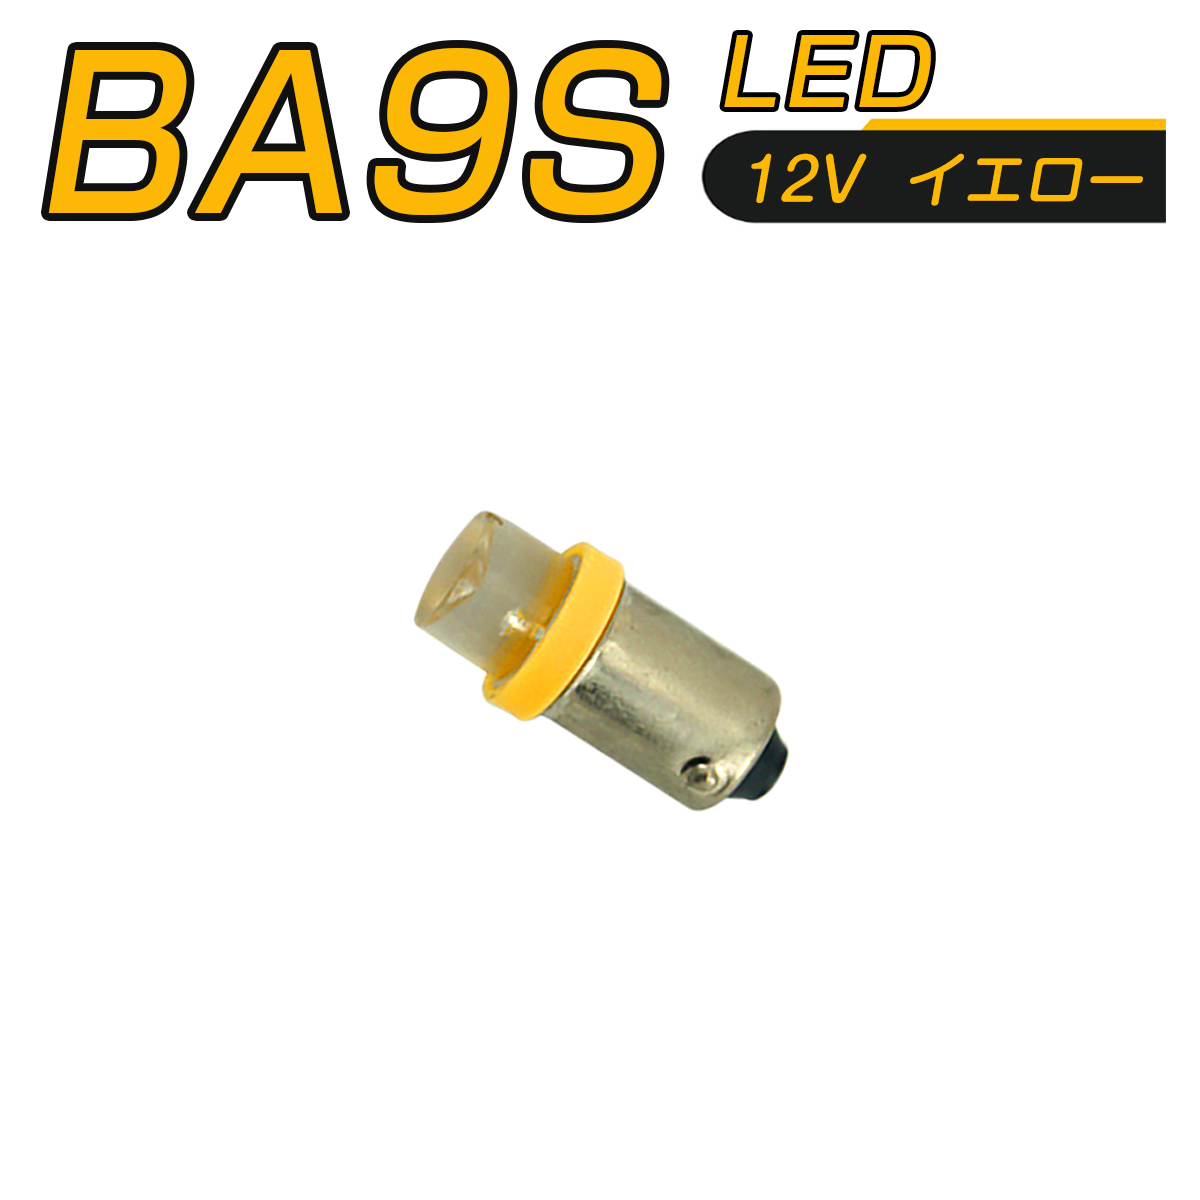 LED 口金 BA9S 黄 メーター球 タコランプ インジケーター エアコンパネル 超拡散 全面発光 2個セット SDM便送料無料 1ヶ月保証